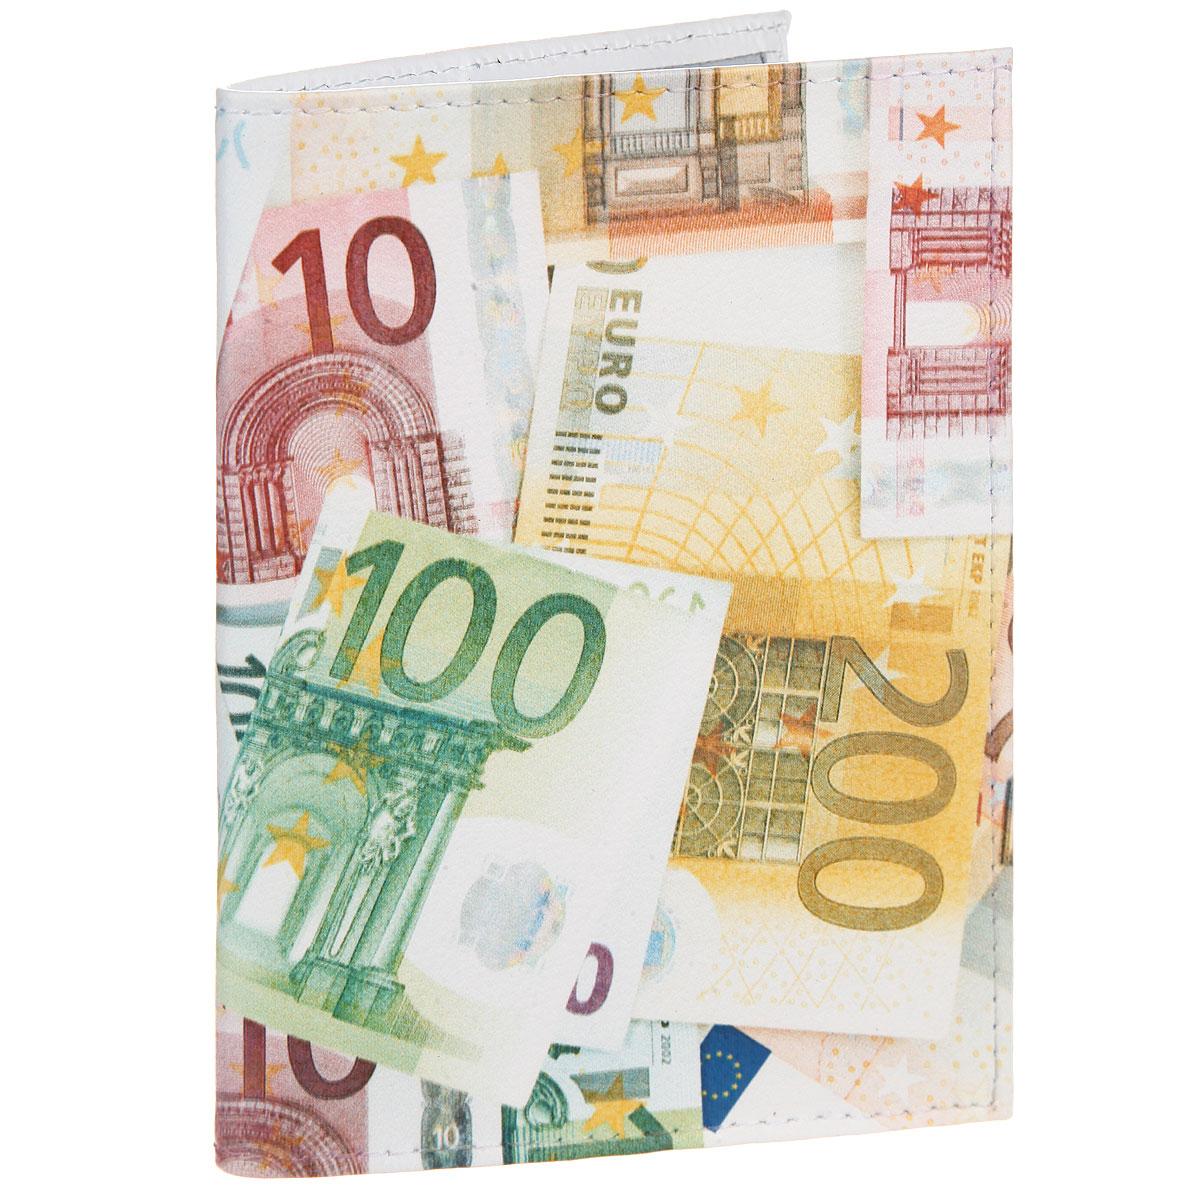 Обложка для паспорта Евро. OK354Натуральная кожаСтильная обложка для паспорта Mitya Veselkov Евро выполнена из натуральной кожи с зернистой текстурой. Обложка оформлена художественной печатью с изображением купюр. На оборотной стороне имеет карман для посадочного талона.Элегантная обложка Mitya Veselkov Евро не только поможет сохранить внешний вид ваших документов и защитит их от повреждений, но и станет стильным аксессуаром, идеально подходящим вашему образу.